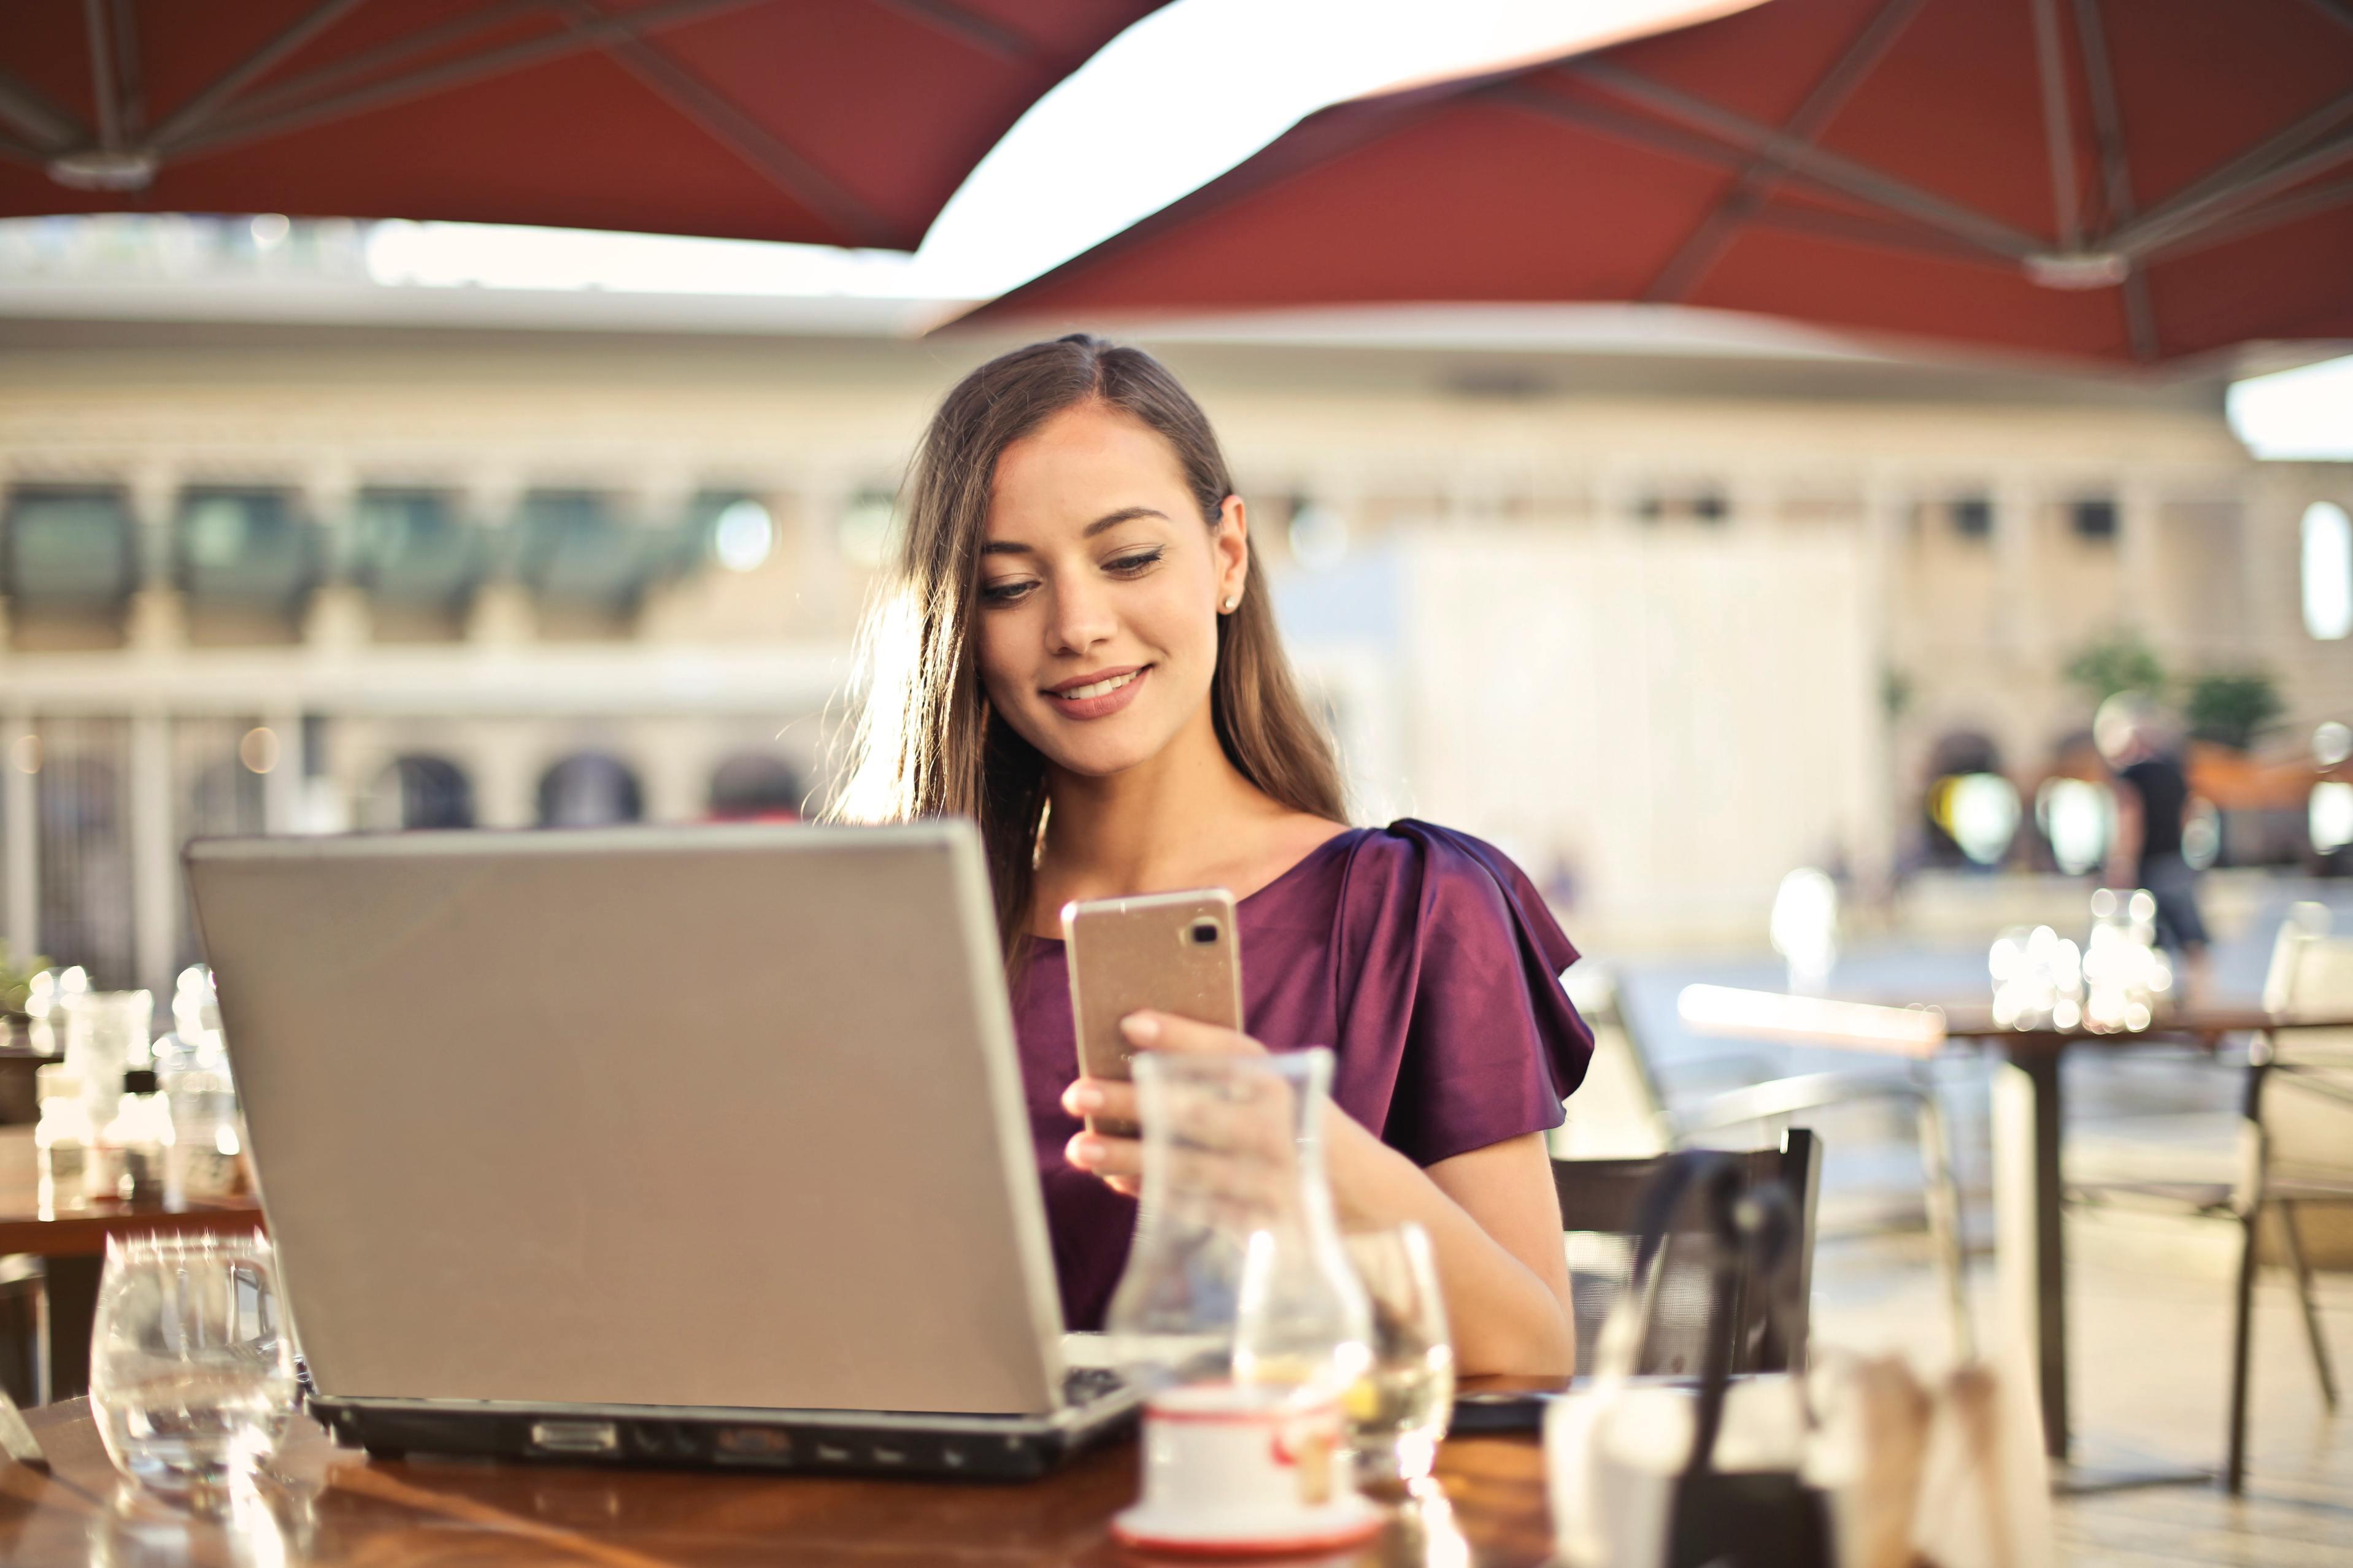 如何幫電商快速提升8倍轉單率?2020年 Chatbot 新功能是關鍵